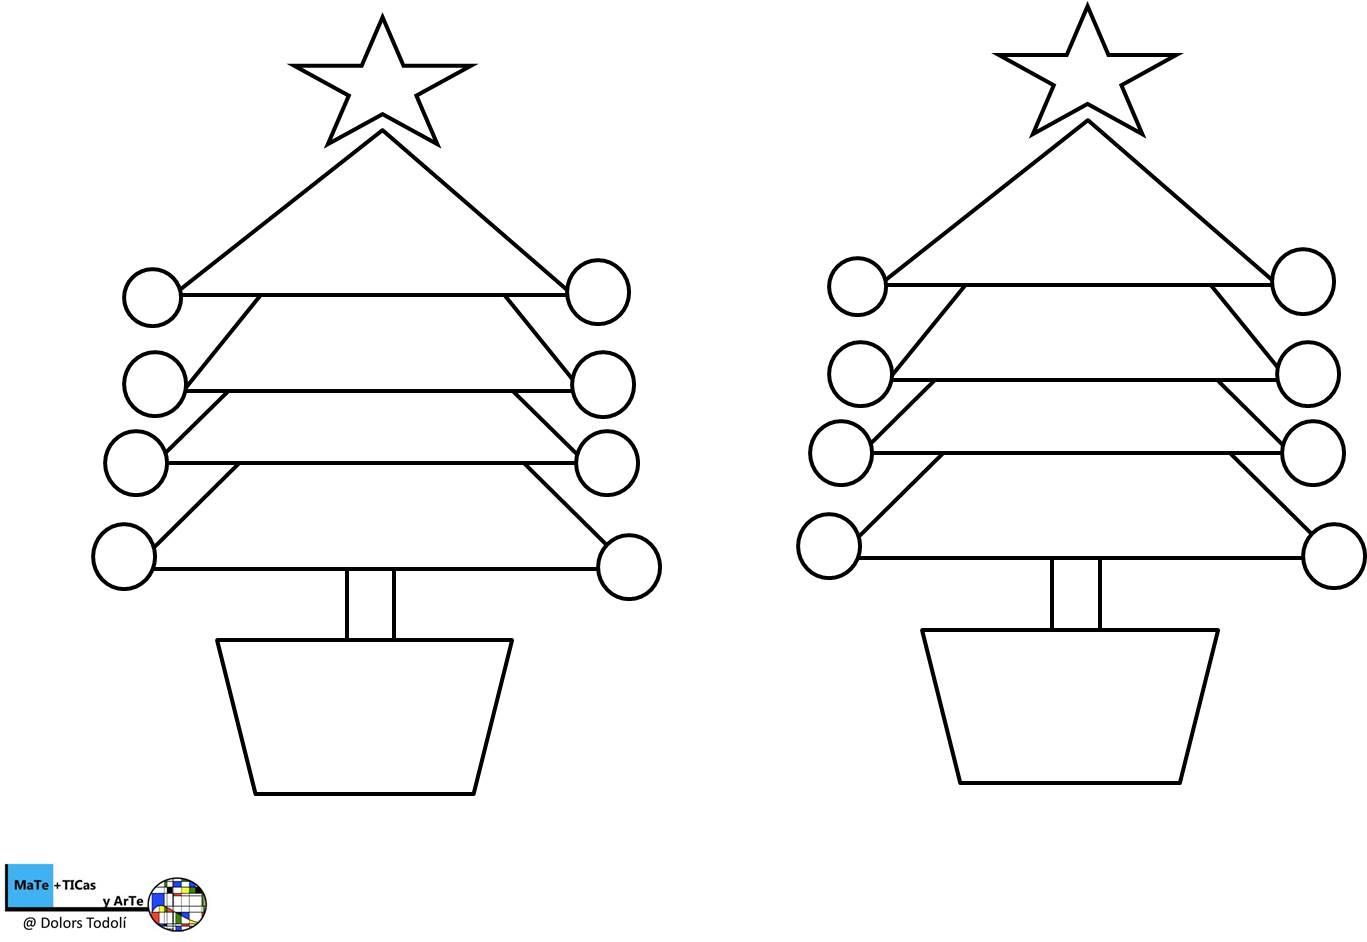 MaTe+TICas y ArTe: Juegos matemáticos. Navidad +Mates.